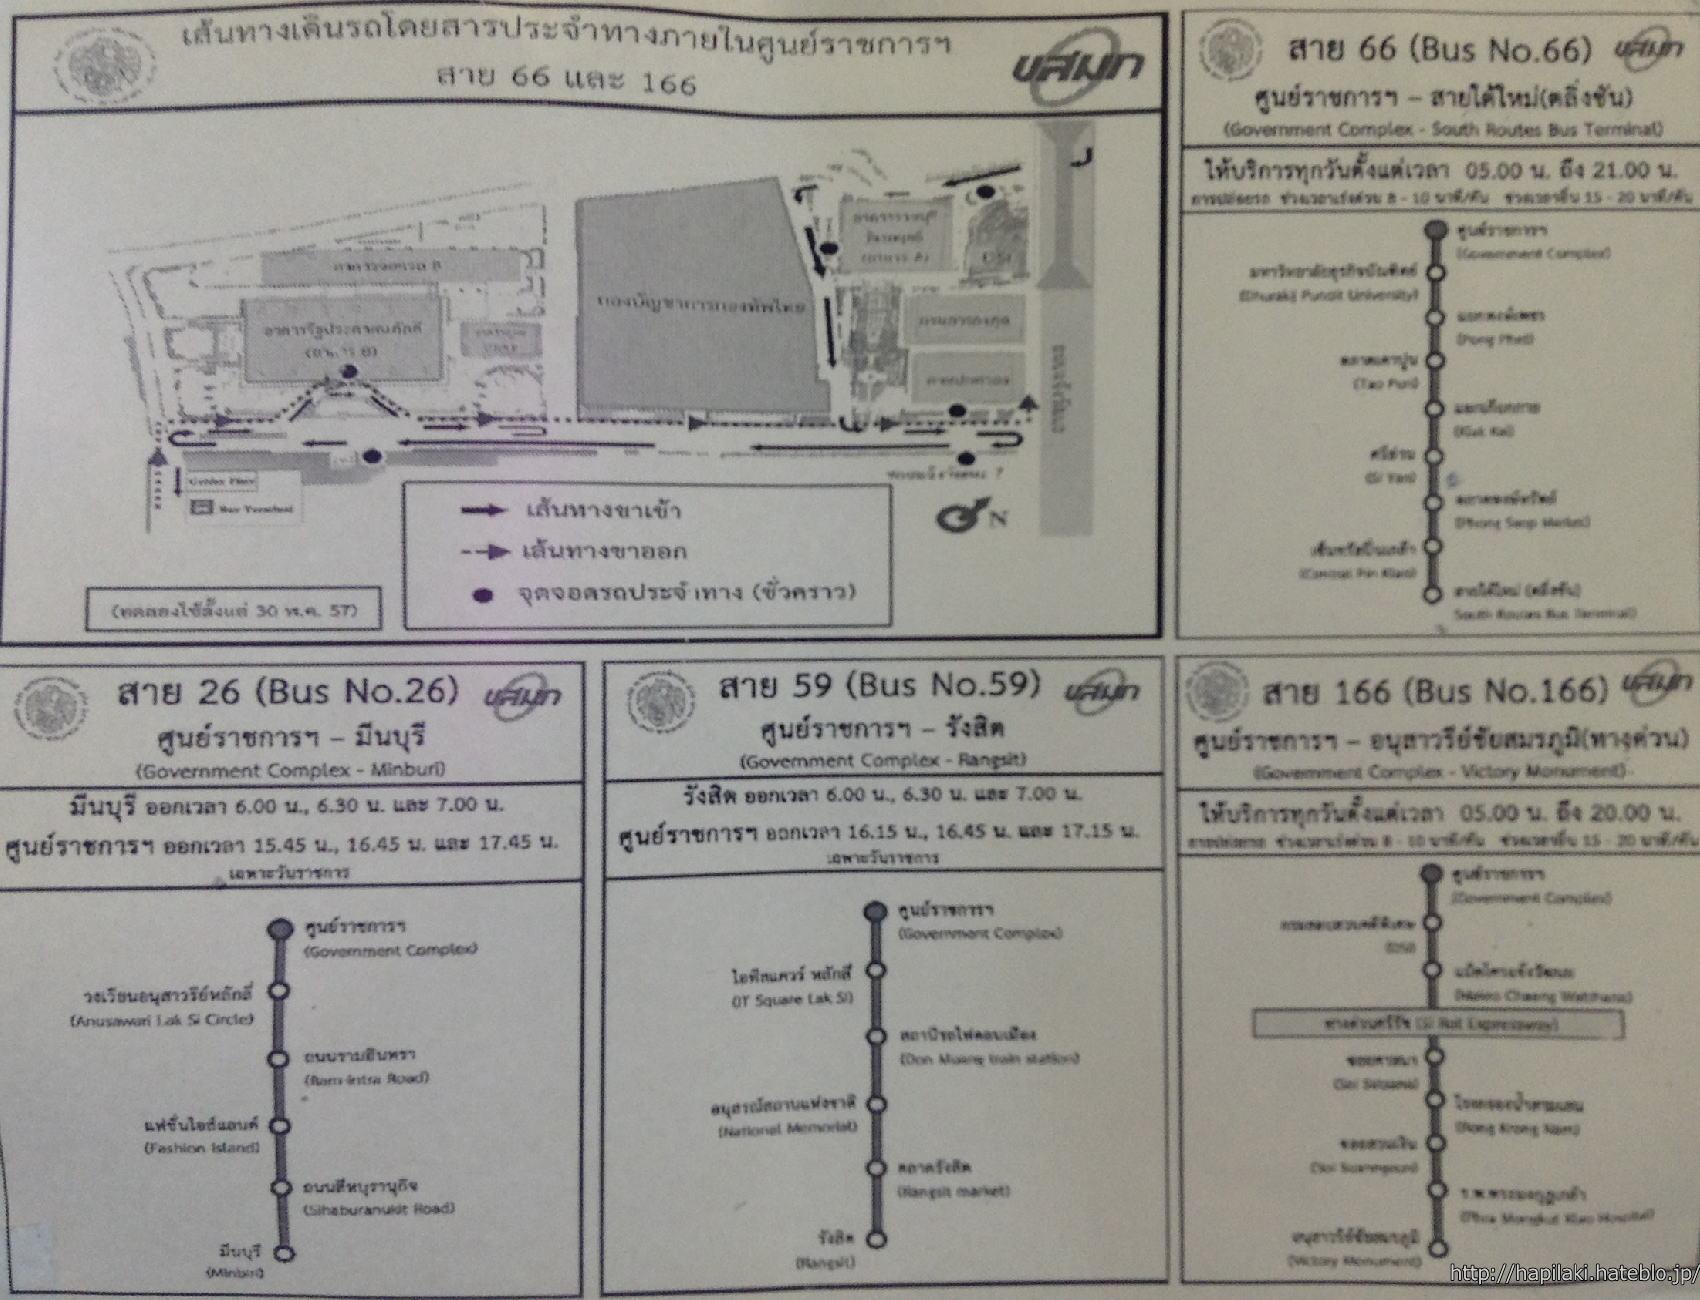 バンコク・イミグレーション敷地内のシャトルバス周回ルート地図